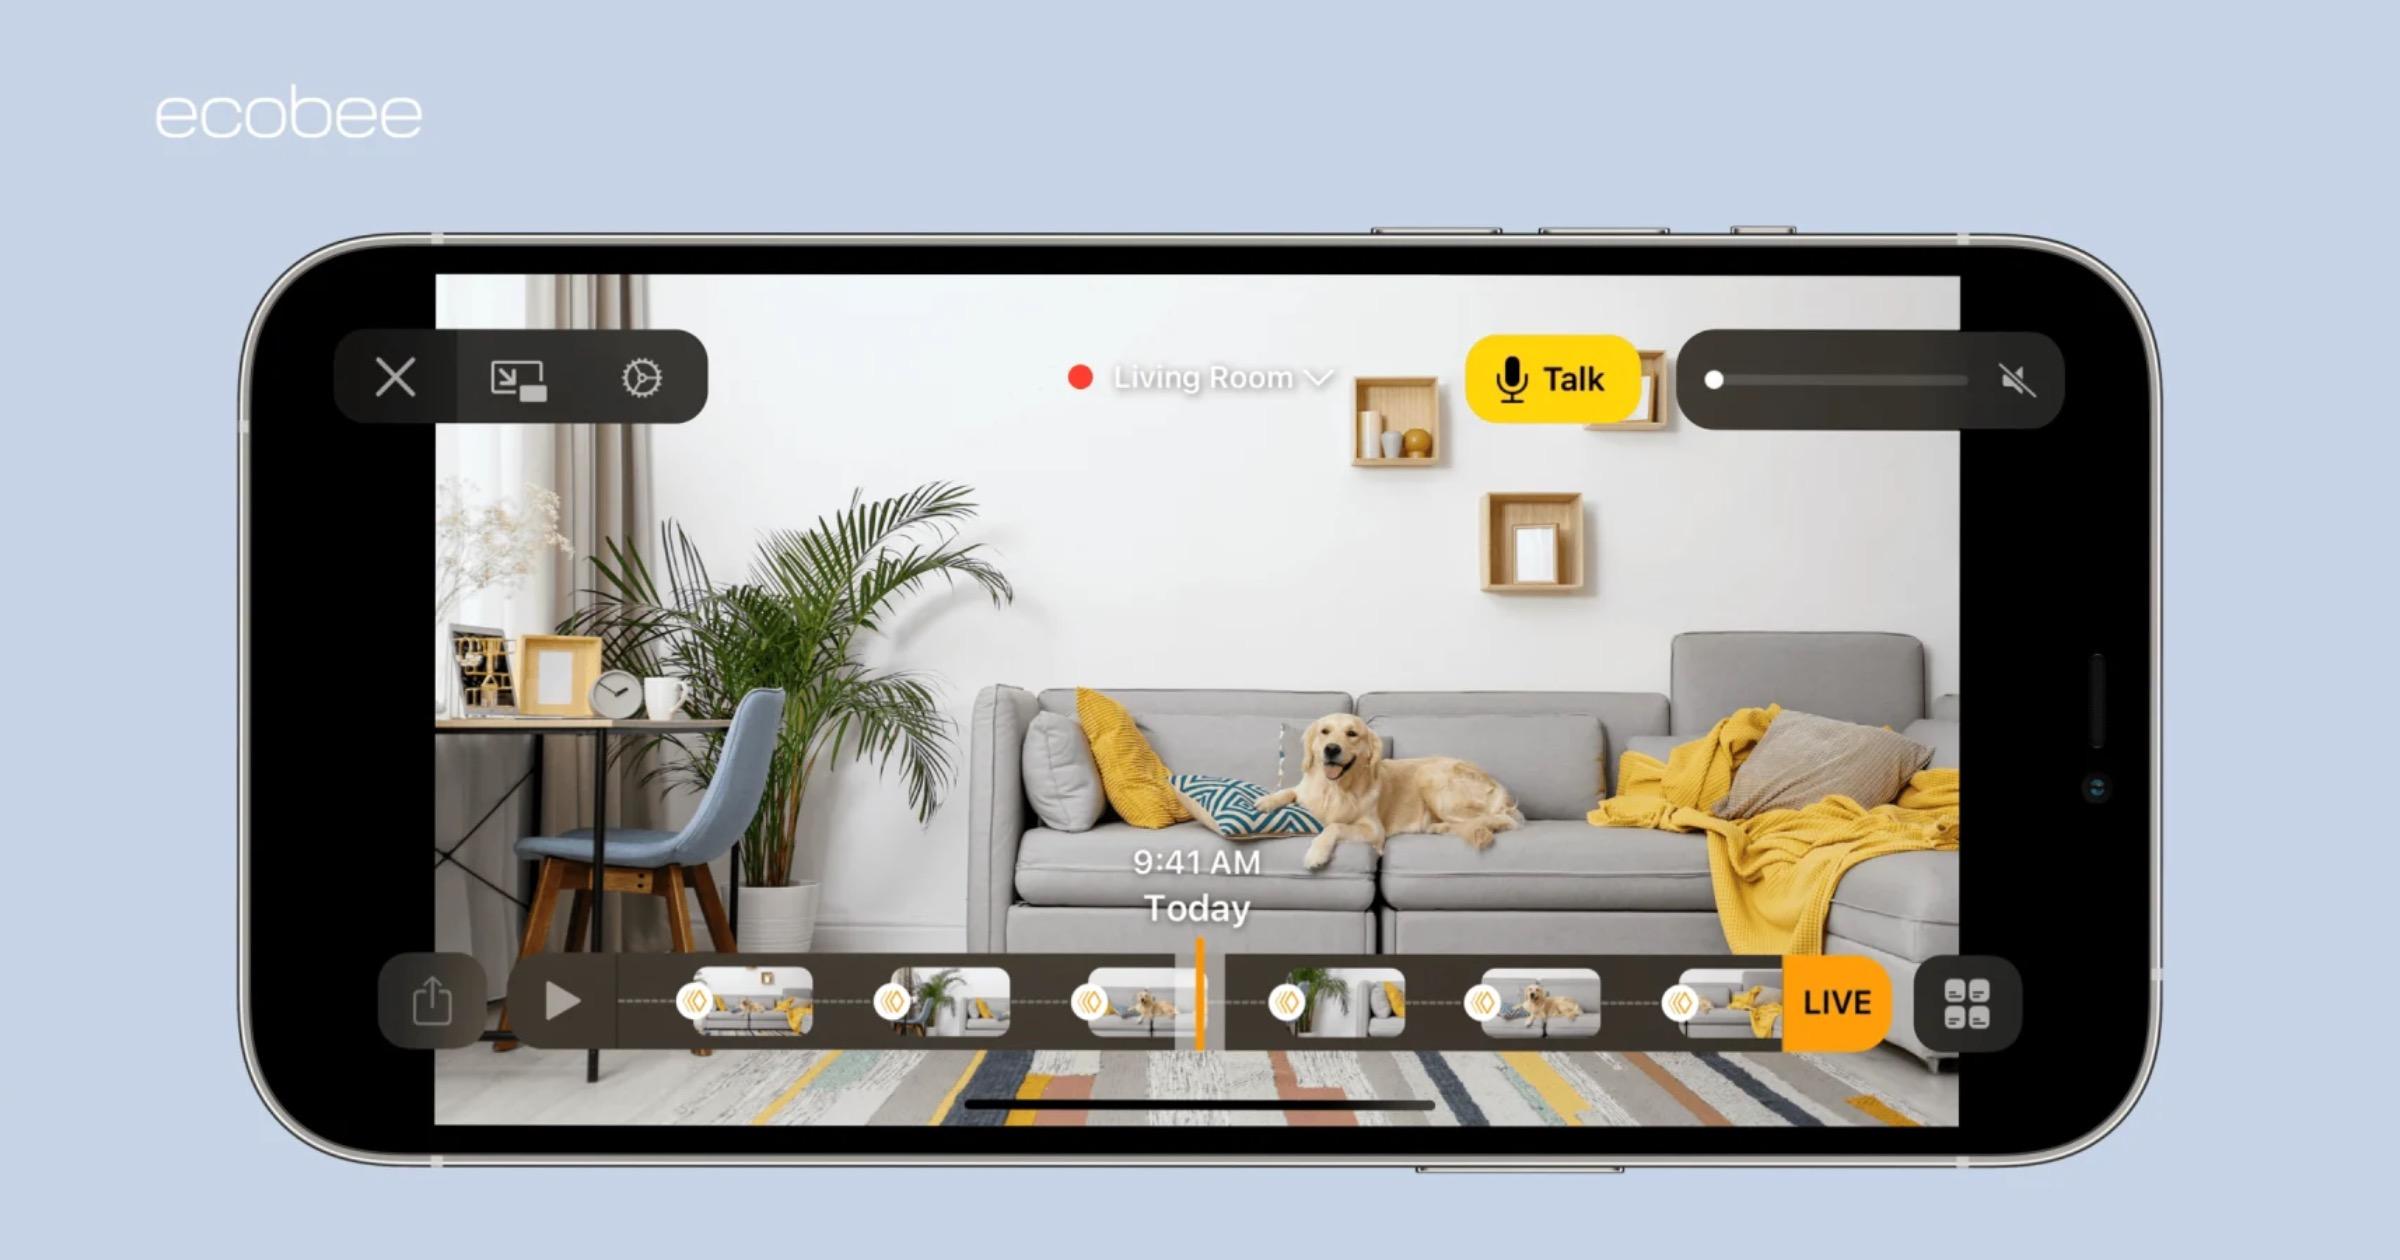 Ecobee SmartCamera usage in the home app